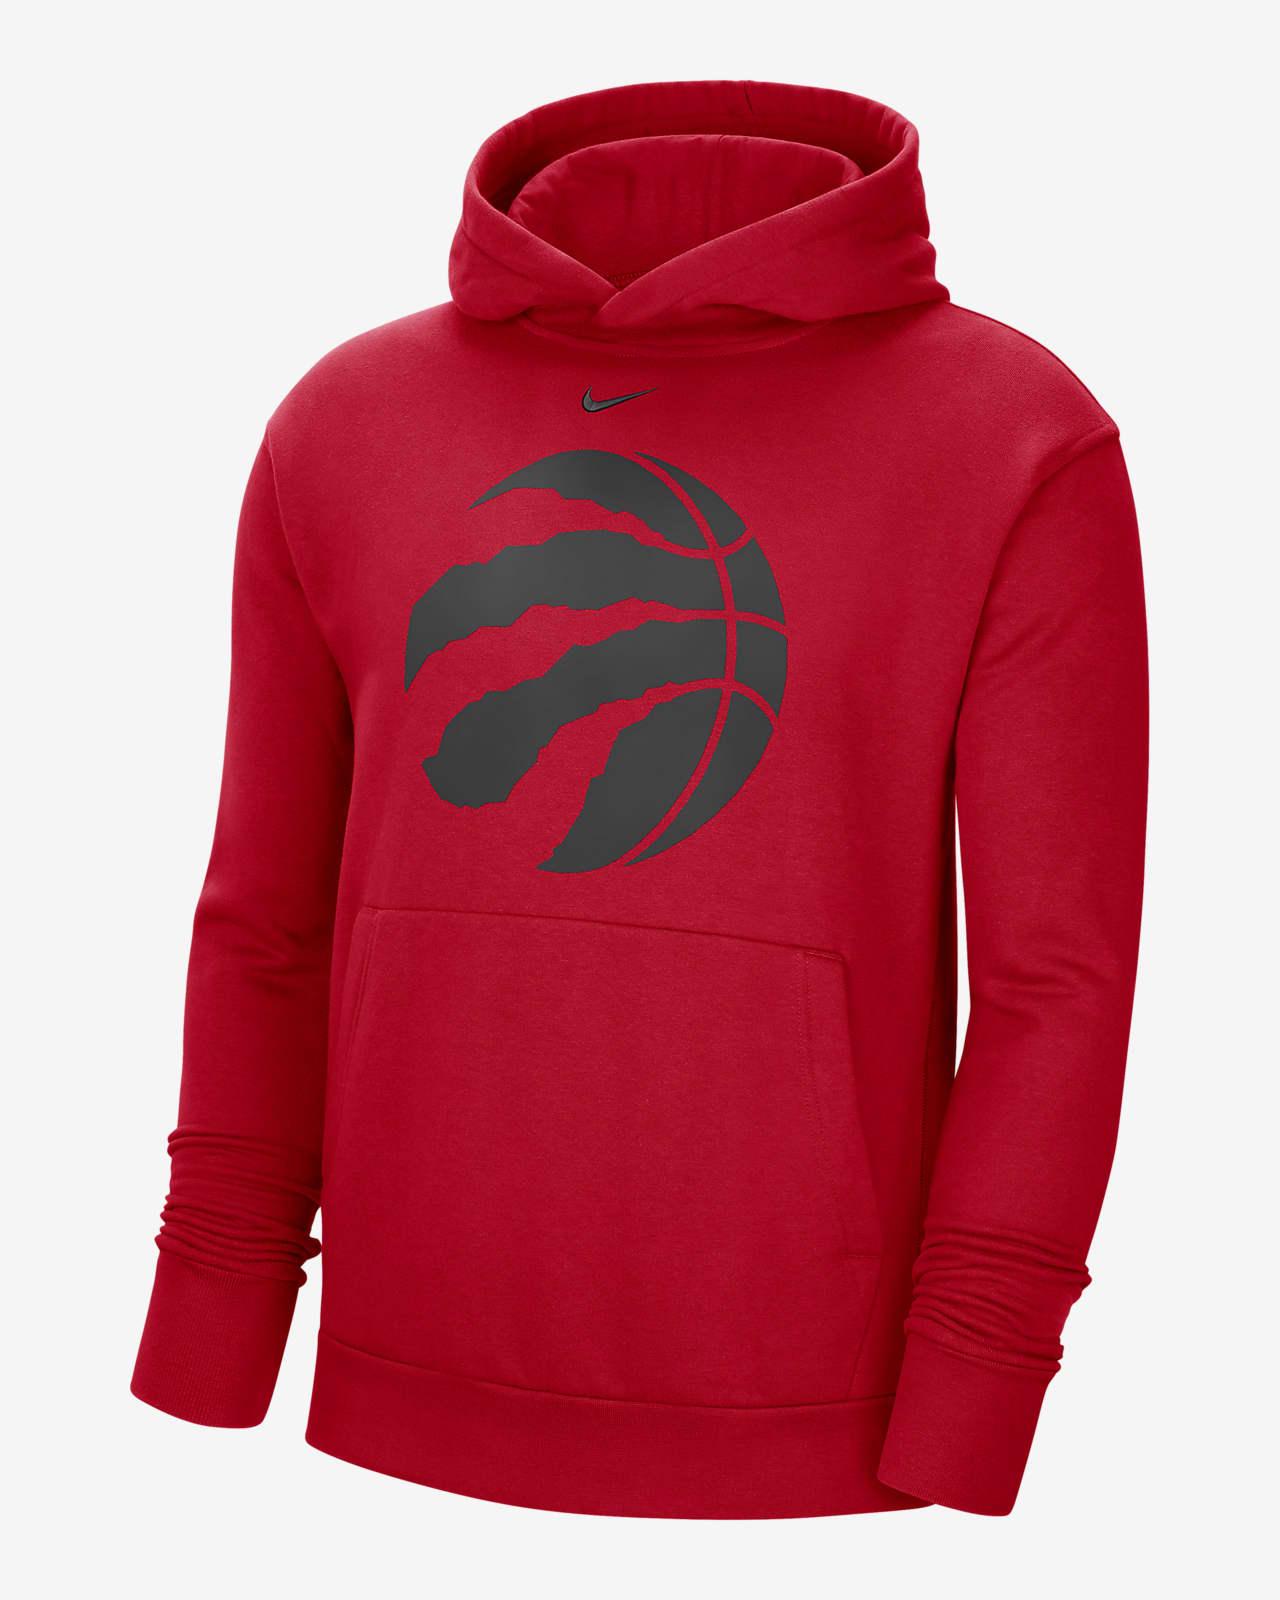 Toronto Raptors Essential Older Kids' Nike NBA Pullover Hoodie